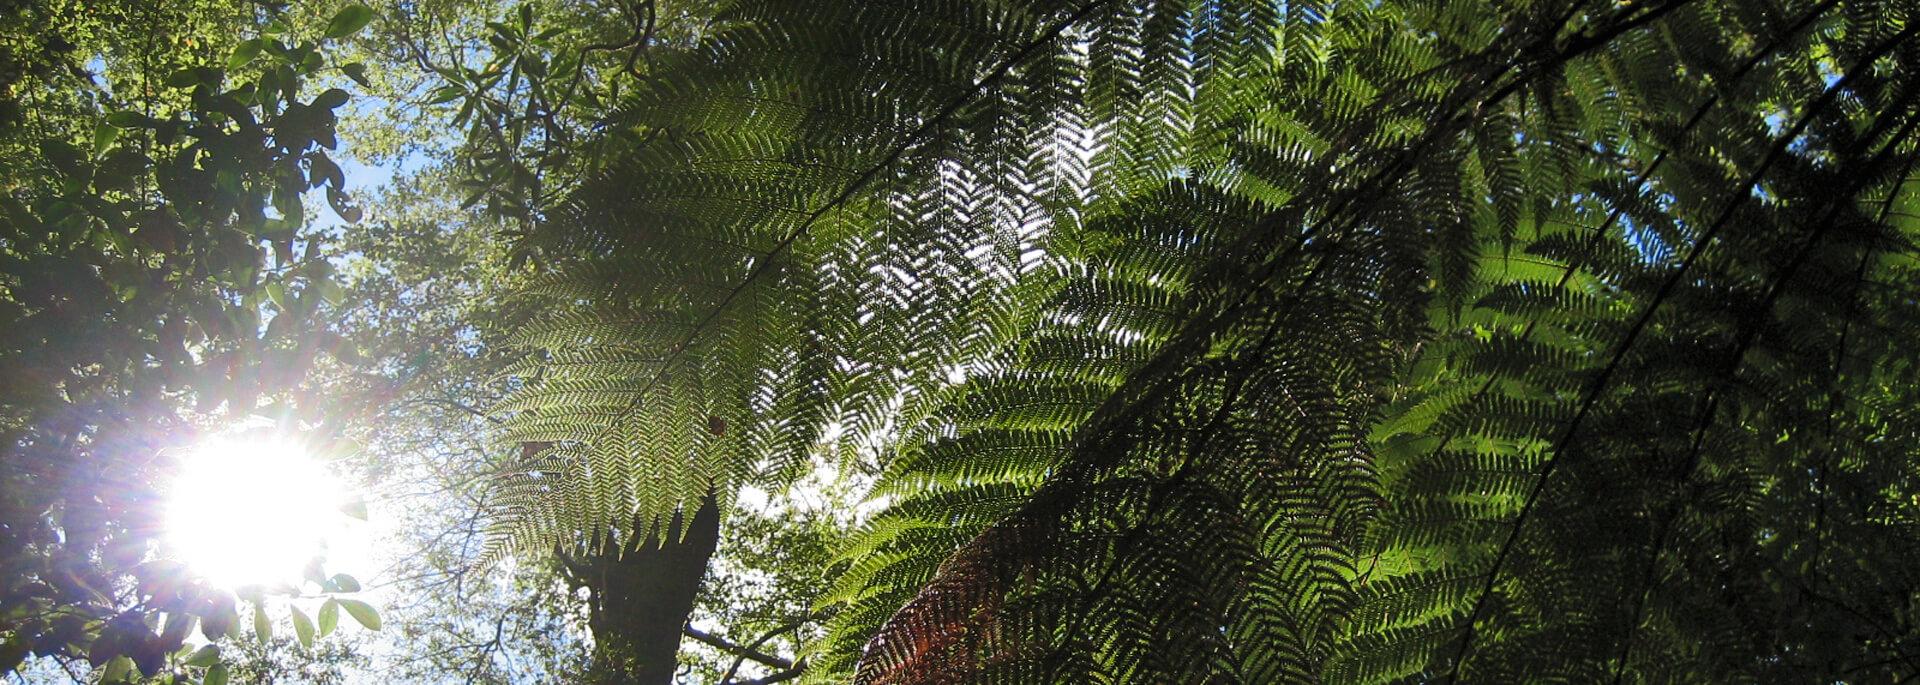 Wie ich mich in Neuseelands verwunschene Wälder, Fjorde und kleine Blaue verliebte